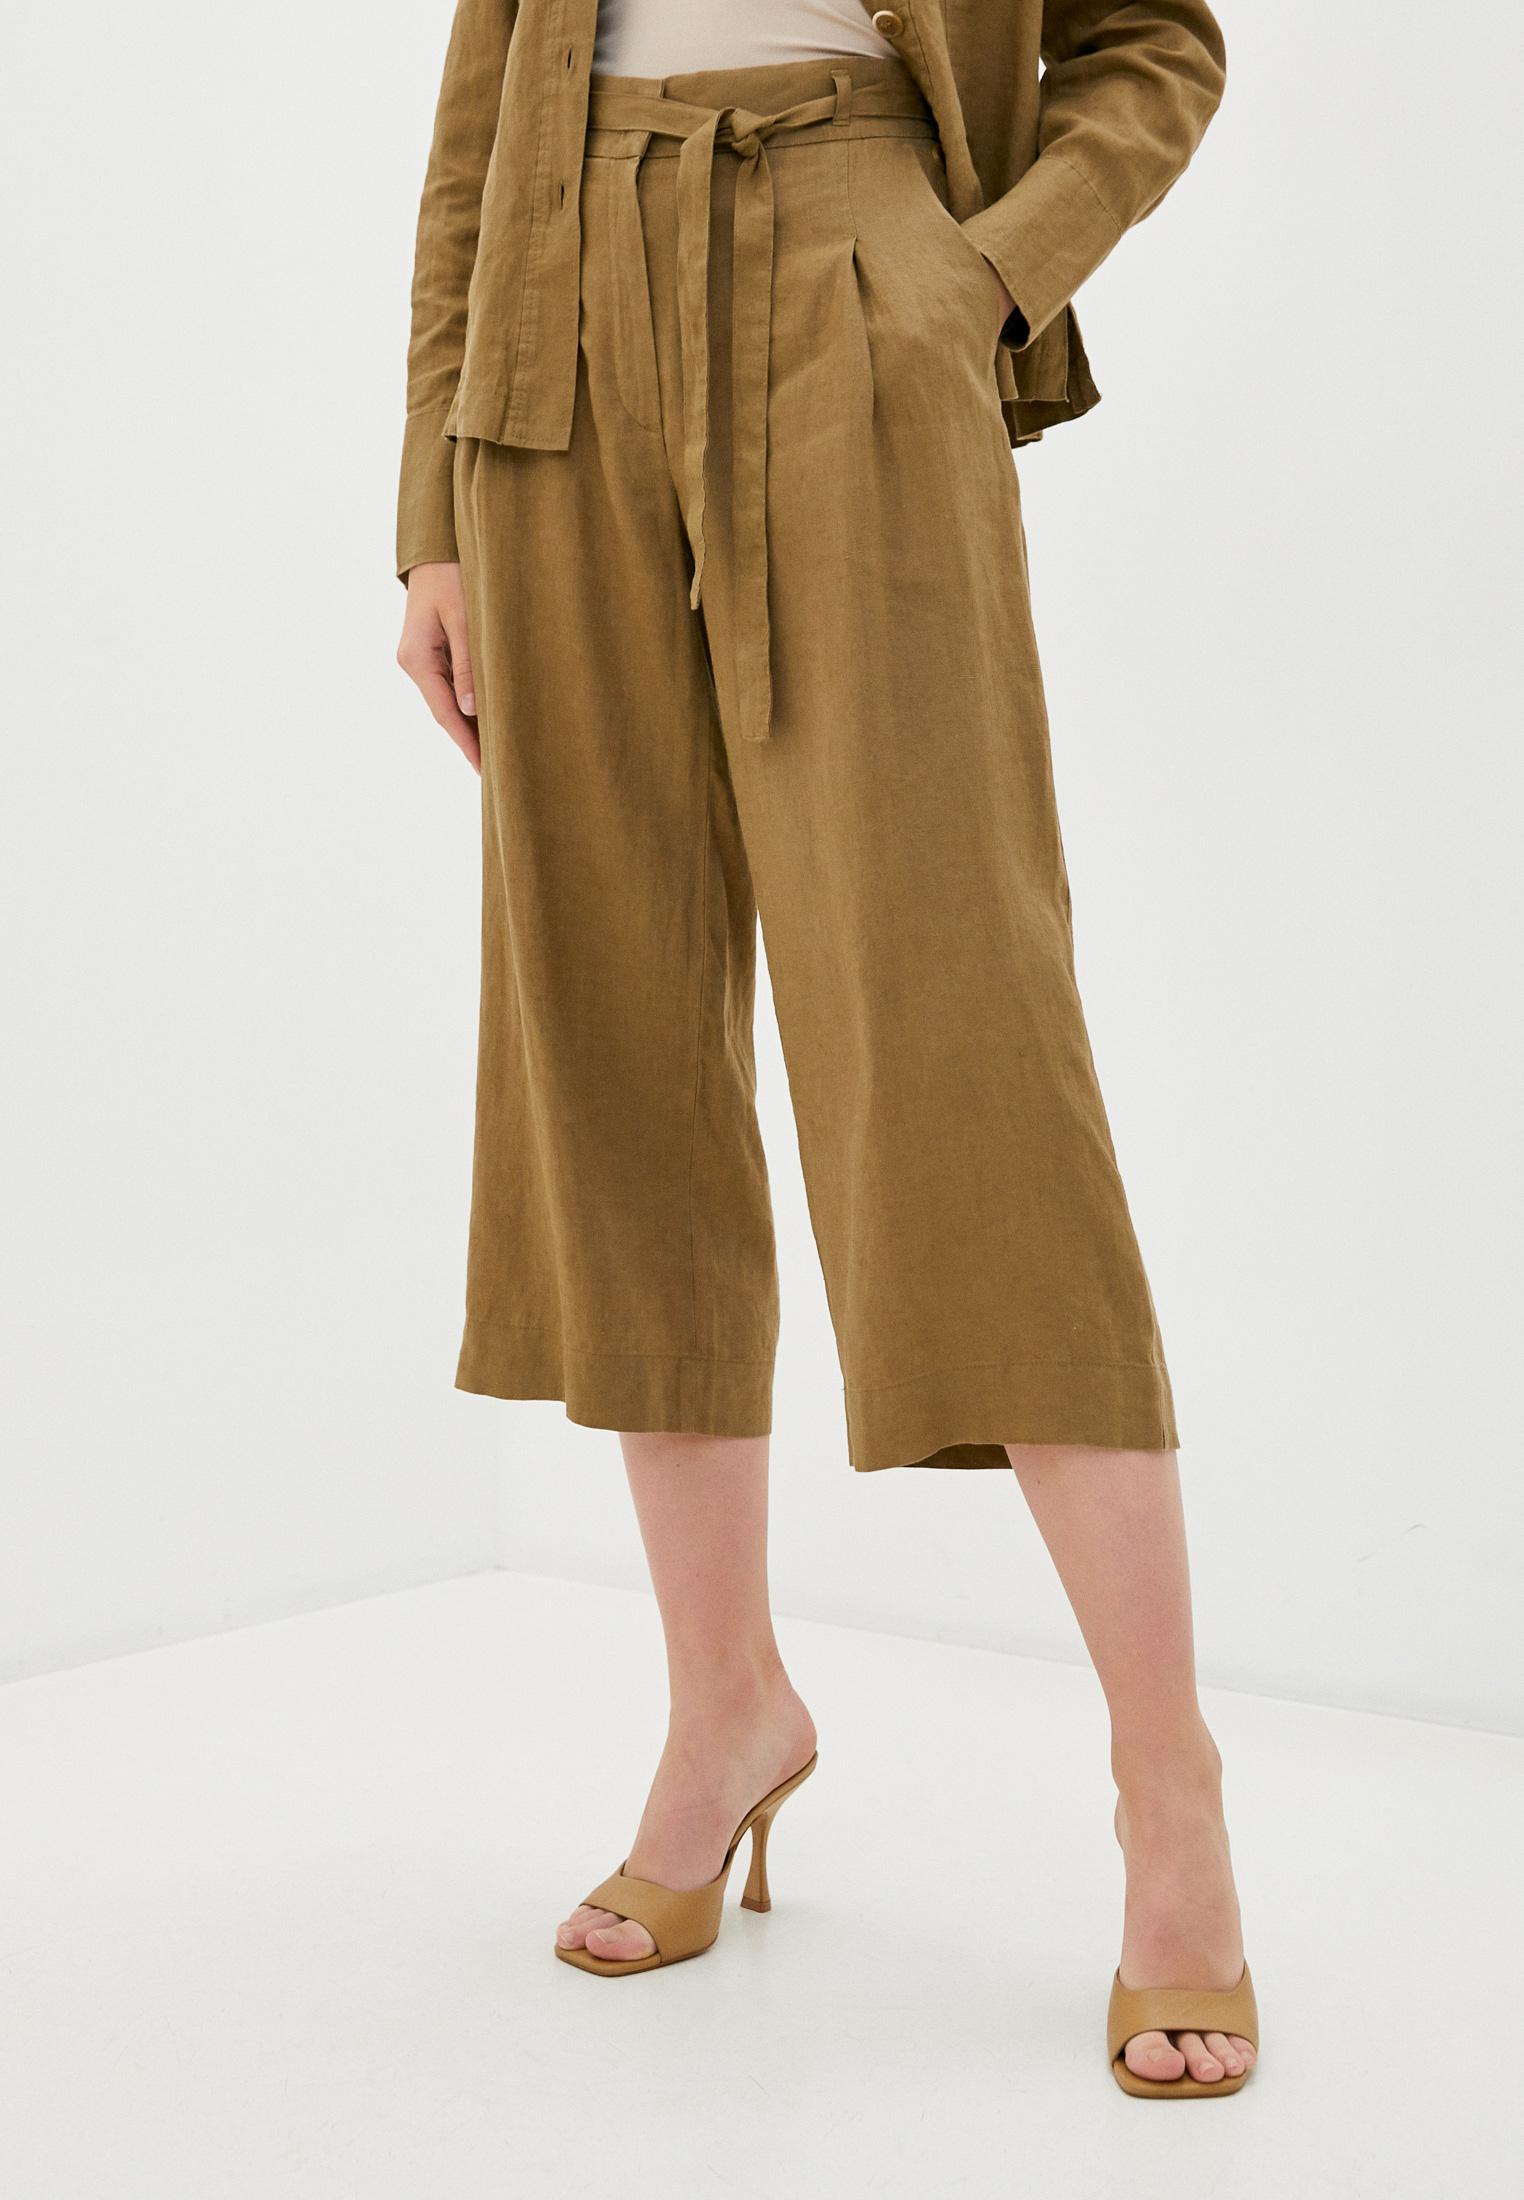 Женские широкие и расклешенные брюки Gerry Weber (Гарри Вебер) Брюки Gerry Weber